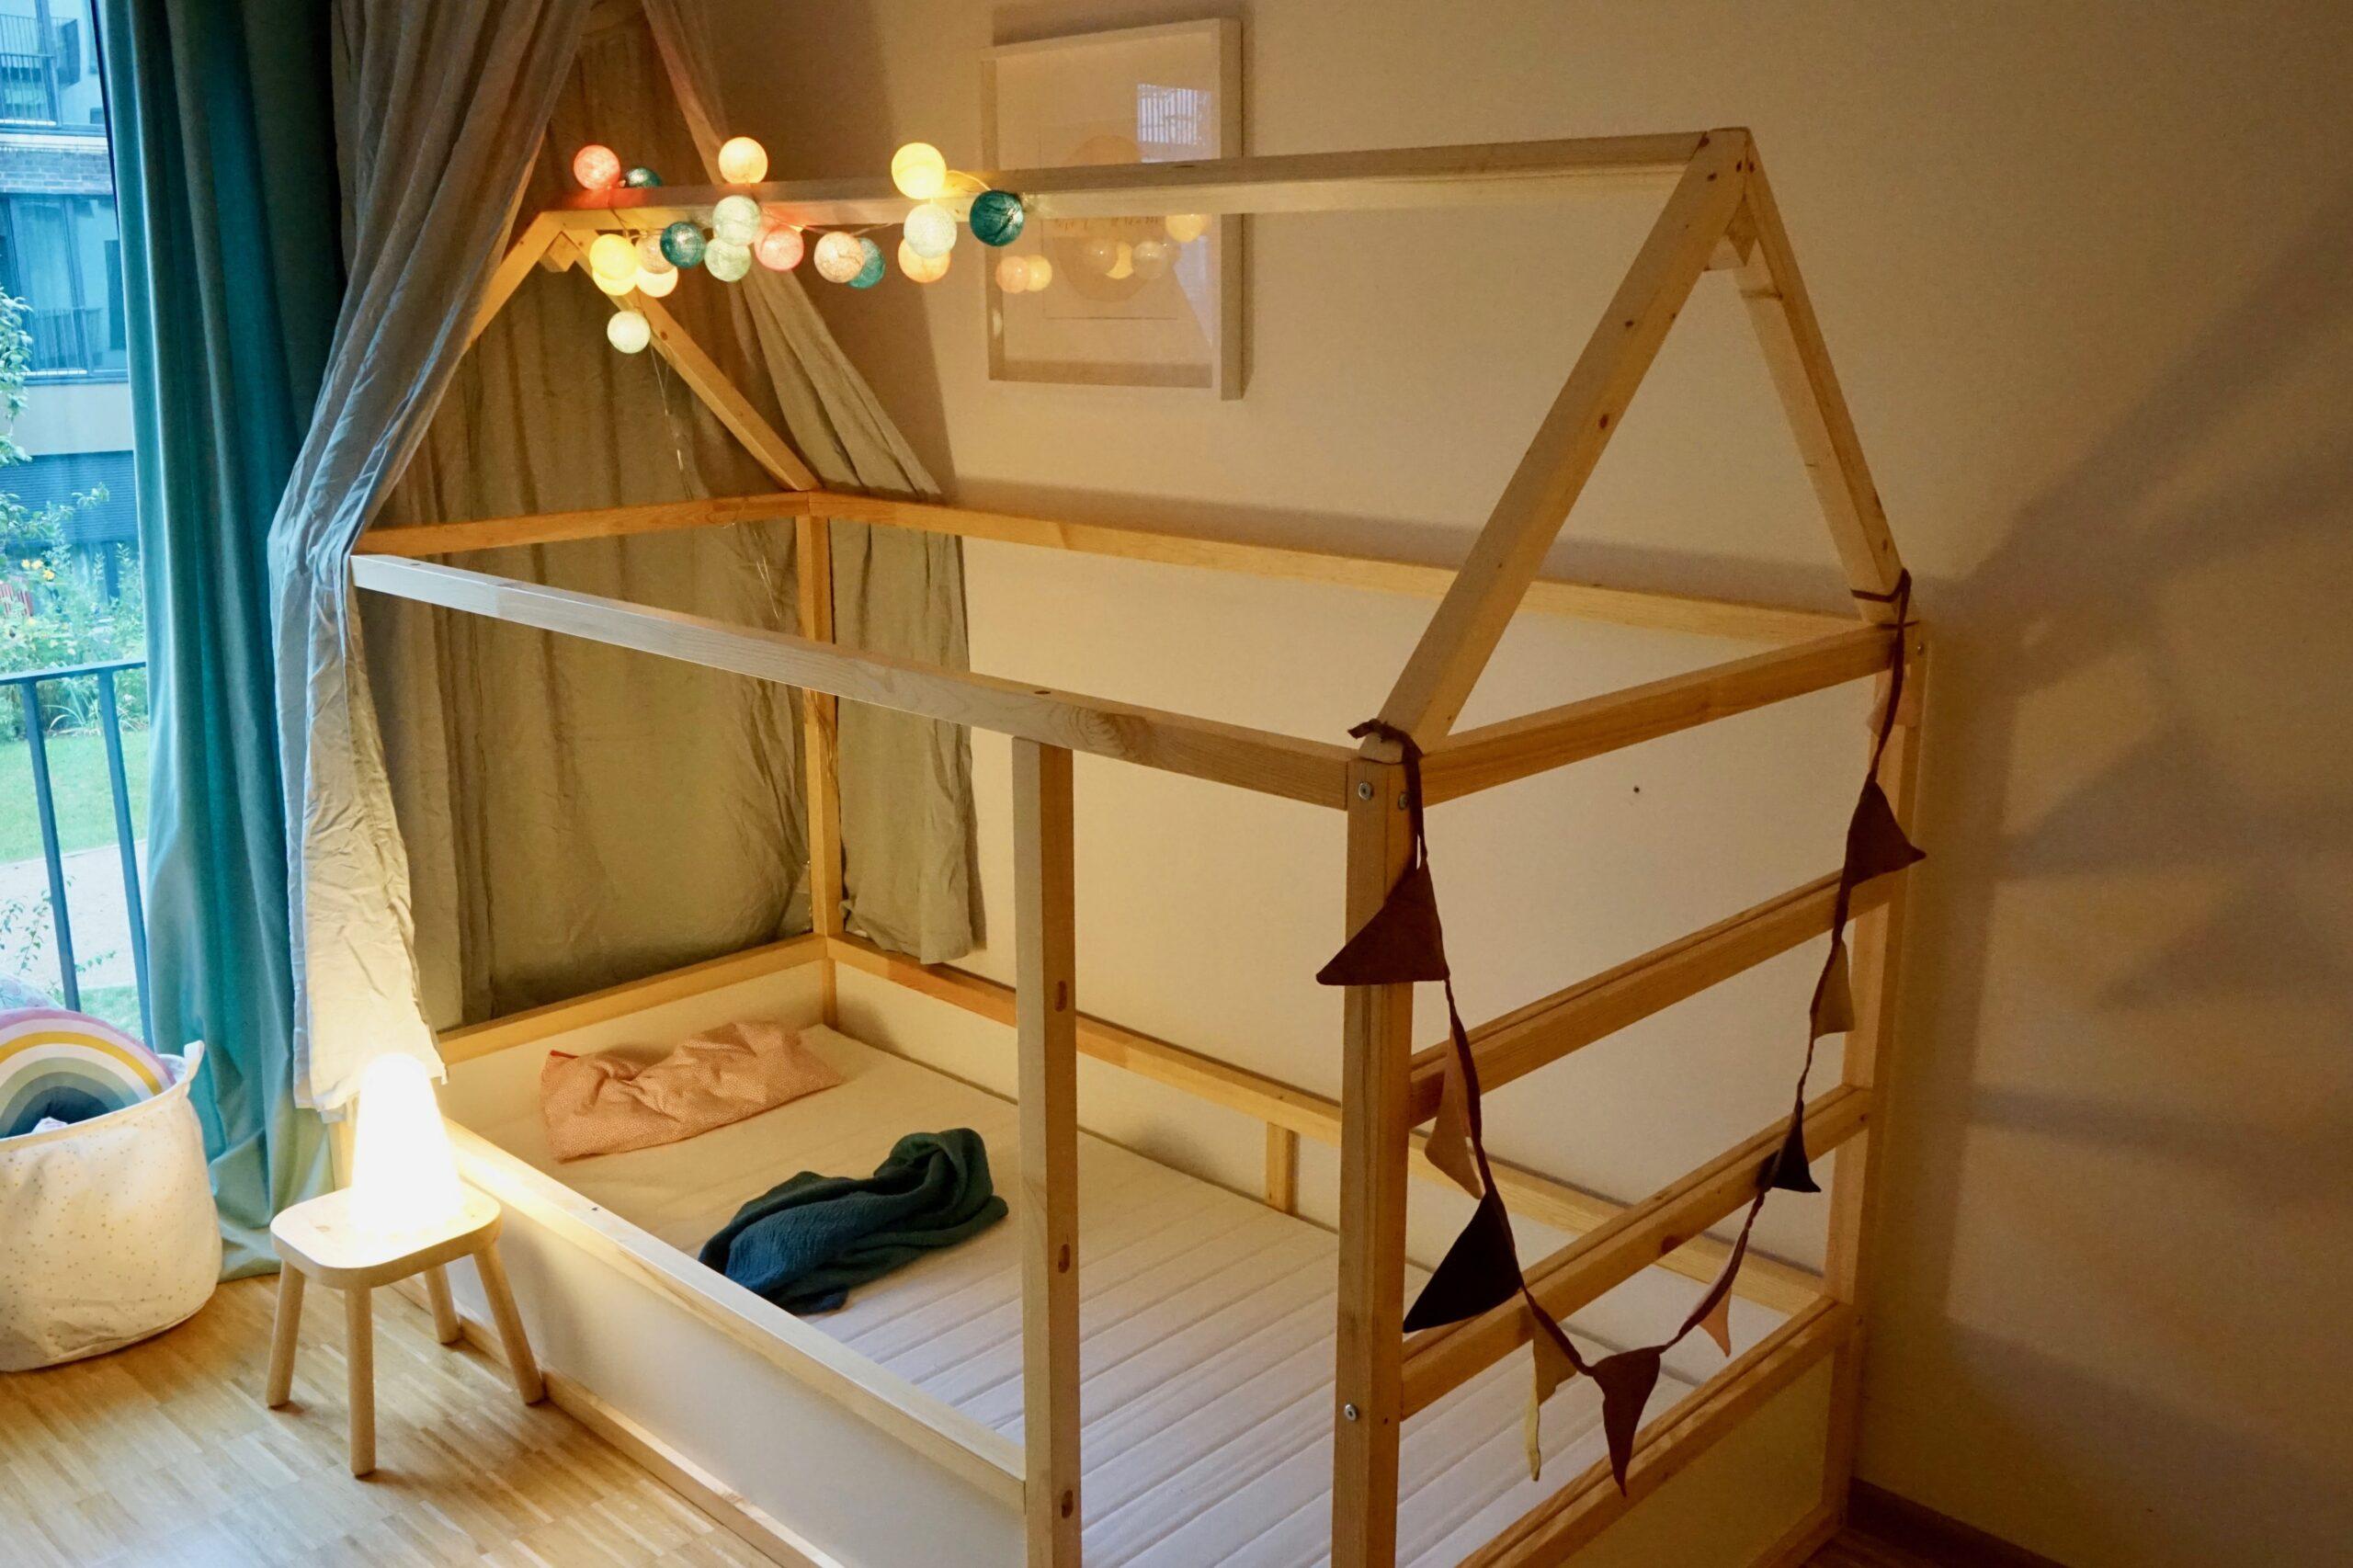 Full Size of Ikea Bett 120x200 Diy Kura Zu Hausbett Umbauen Massiv Jensen Betten 180x220 Wohnwert Japanisches Keilkissen Poco Steens Jugendzimmer Erhöhtes 160x220 120x190 Wohnzimmer Ikea Bett 120x200